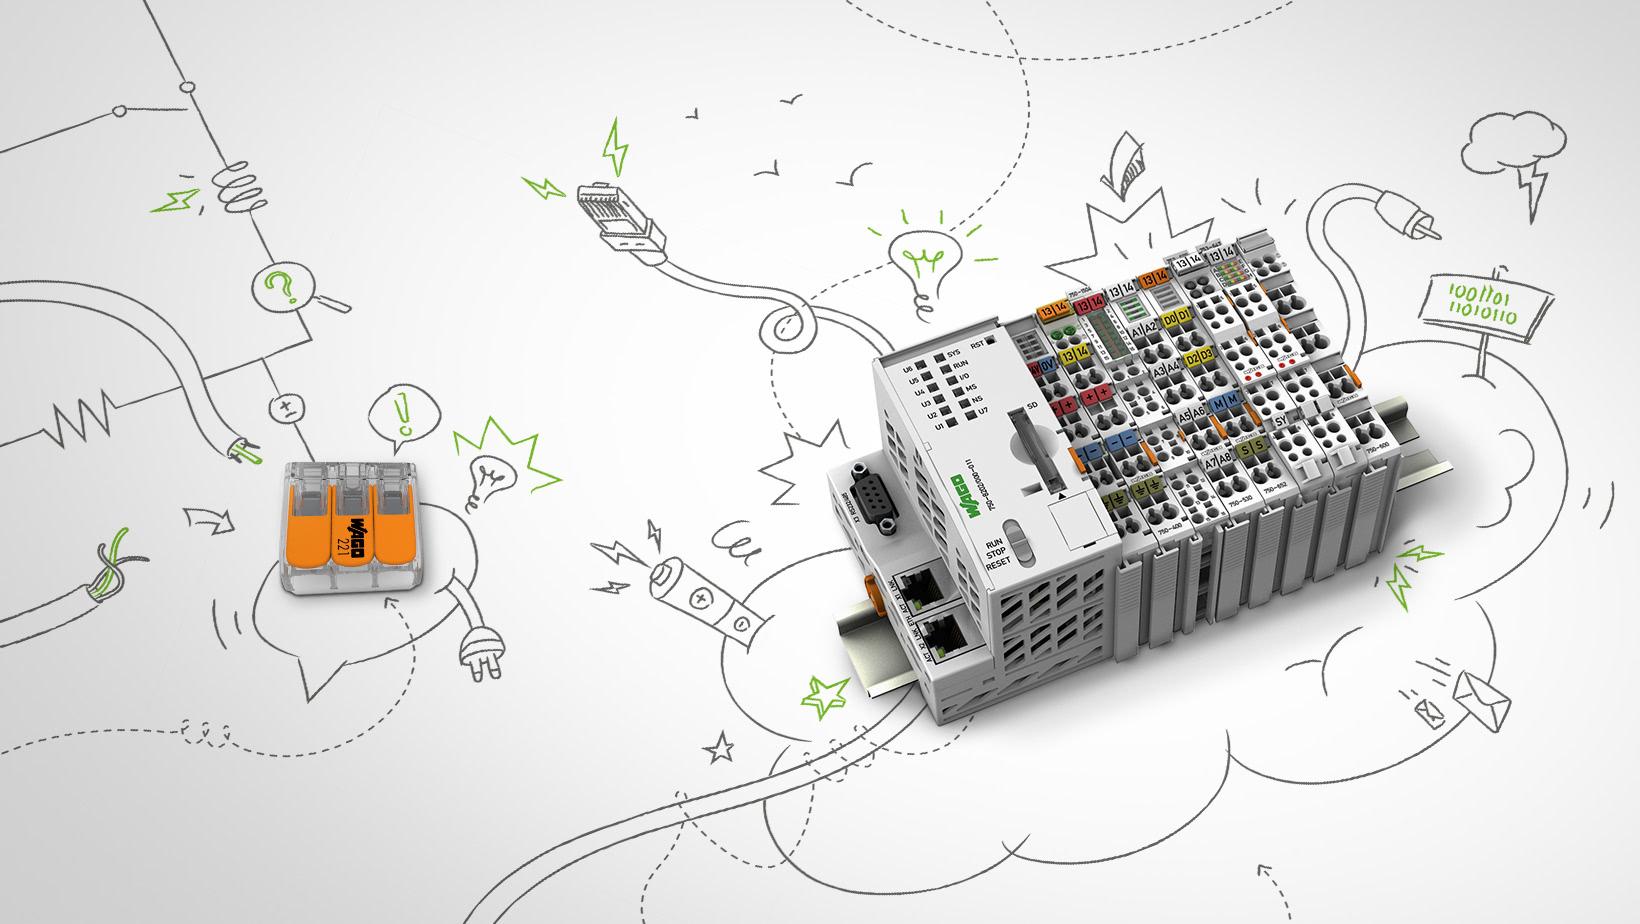 WAGO – Steigerung der Kundenzufriedenheit im B2B-Umfeld